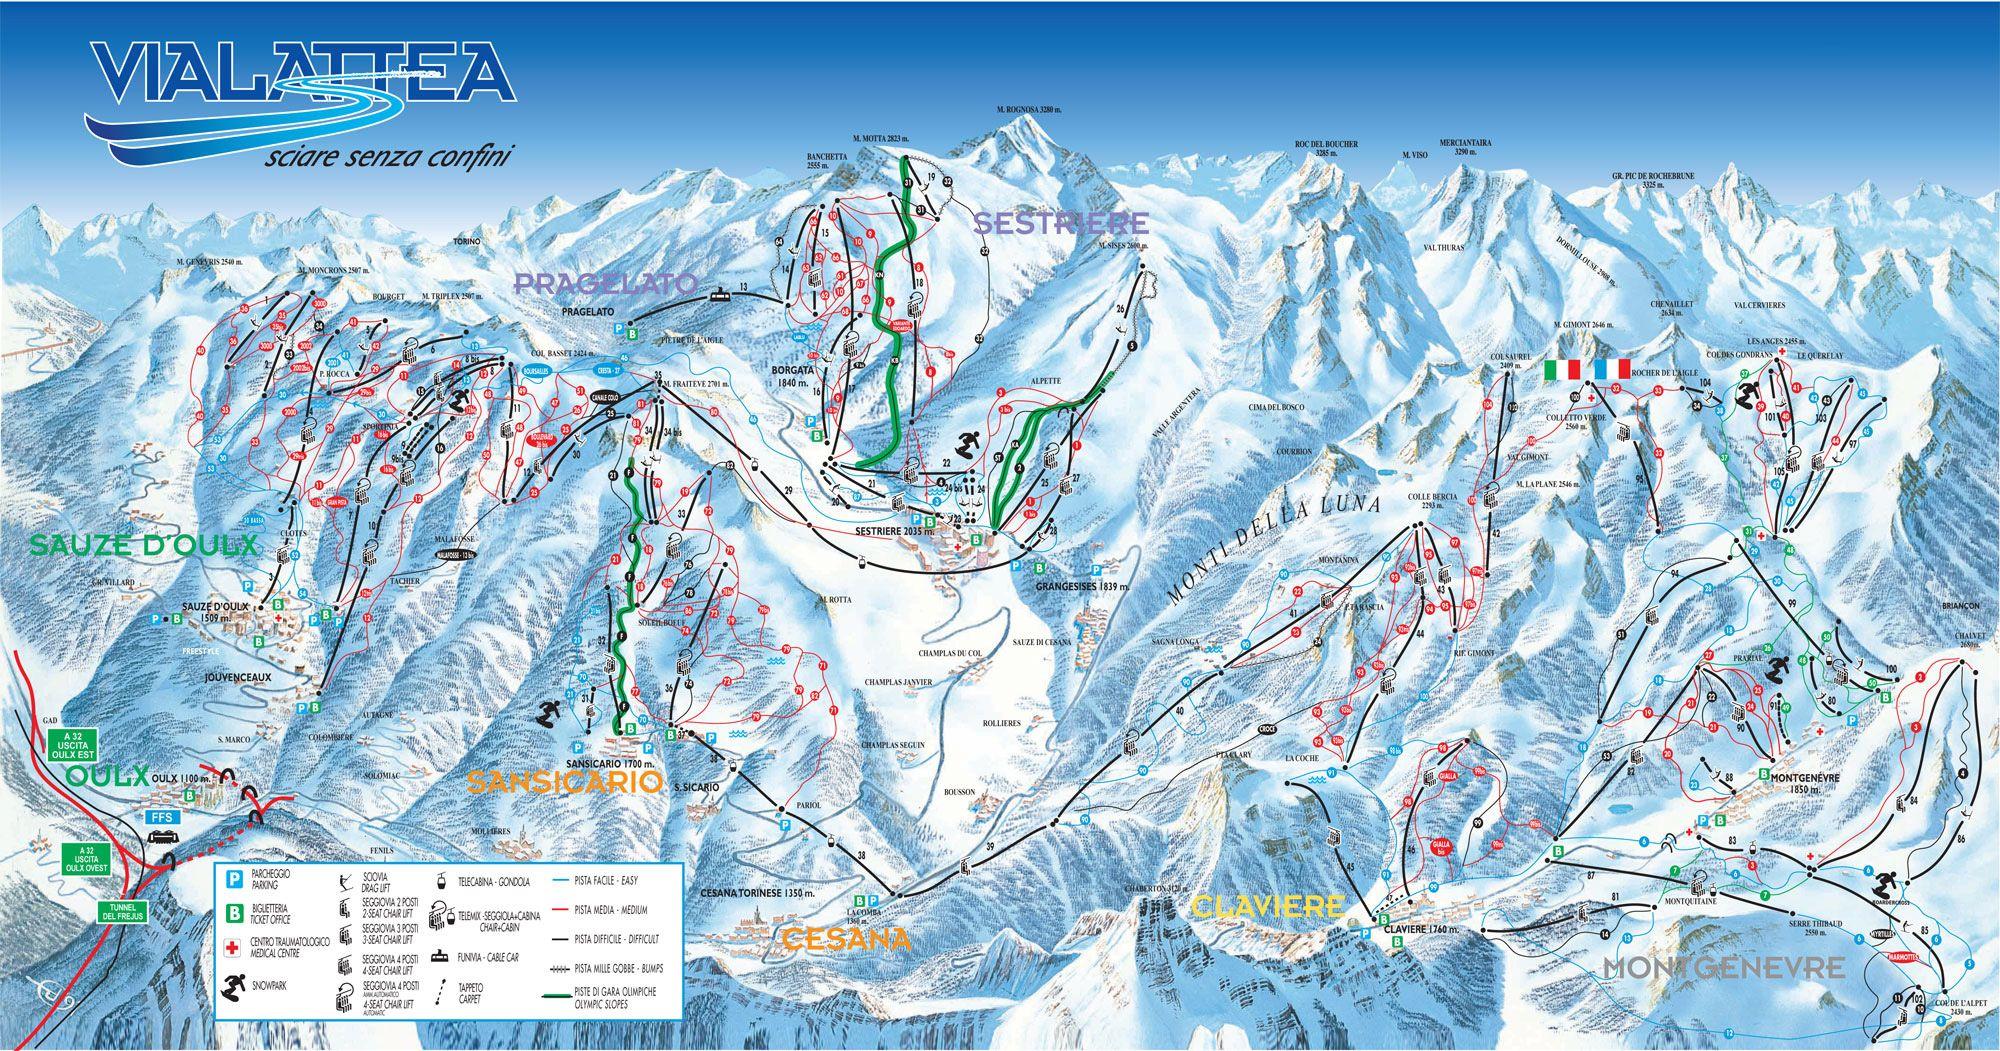 Sauze d'Oulx Piste Map